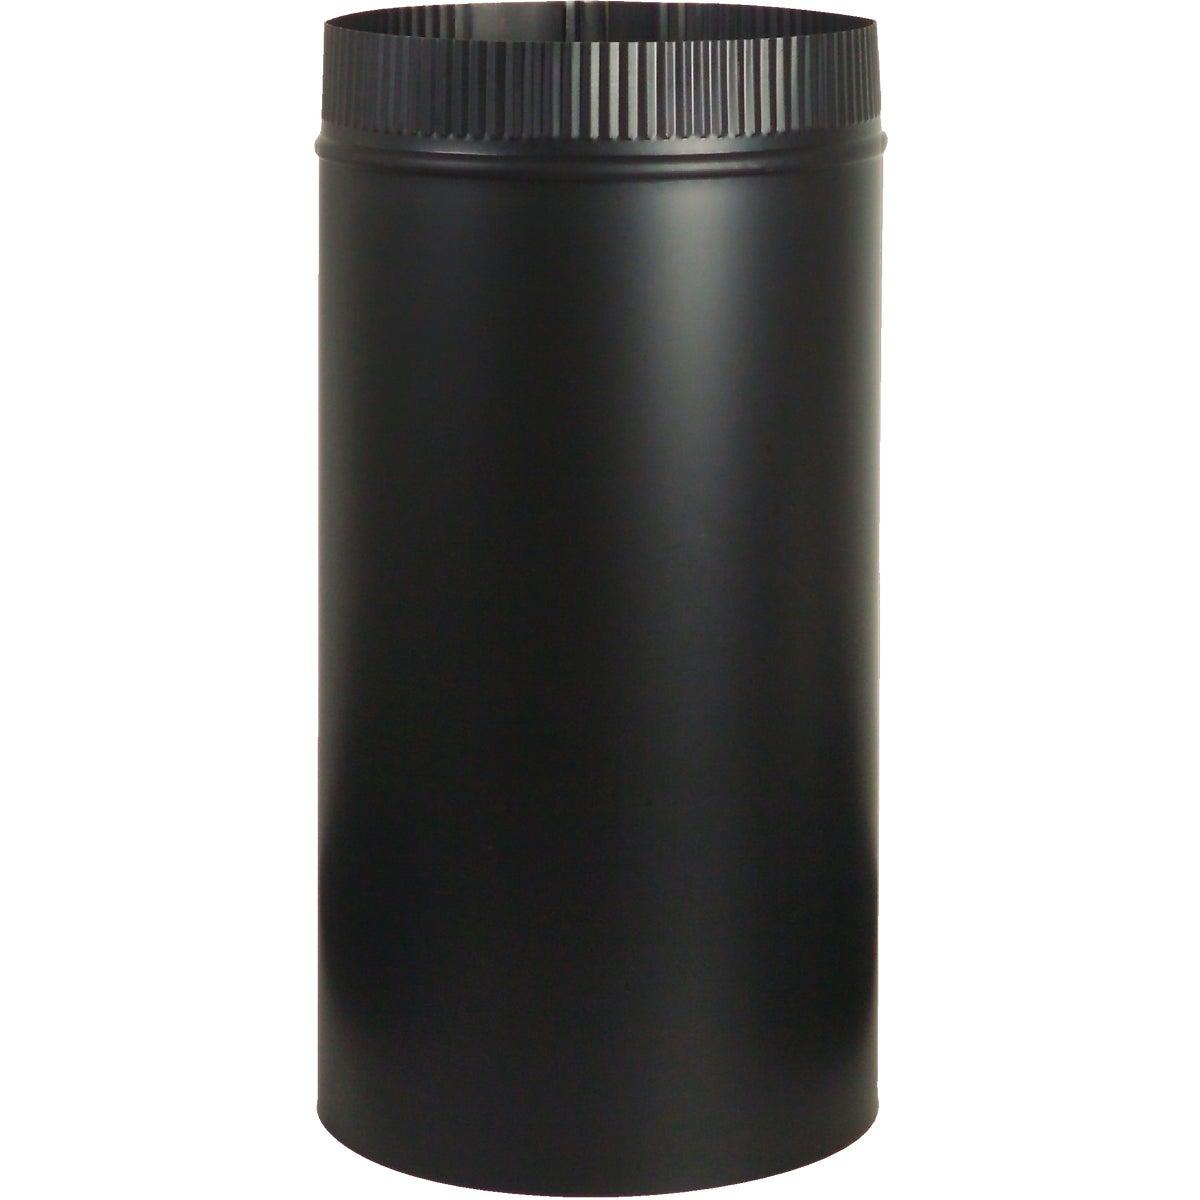 8X12 BLACK STOVE PIPE